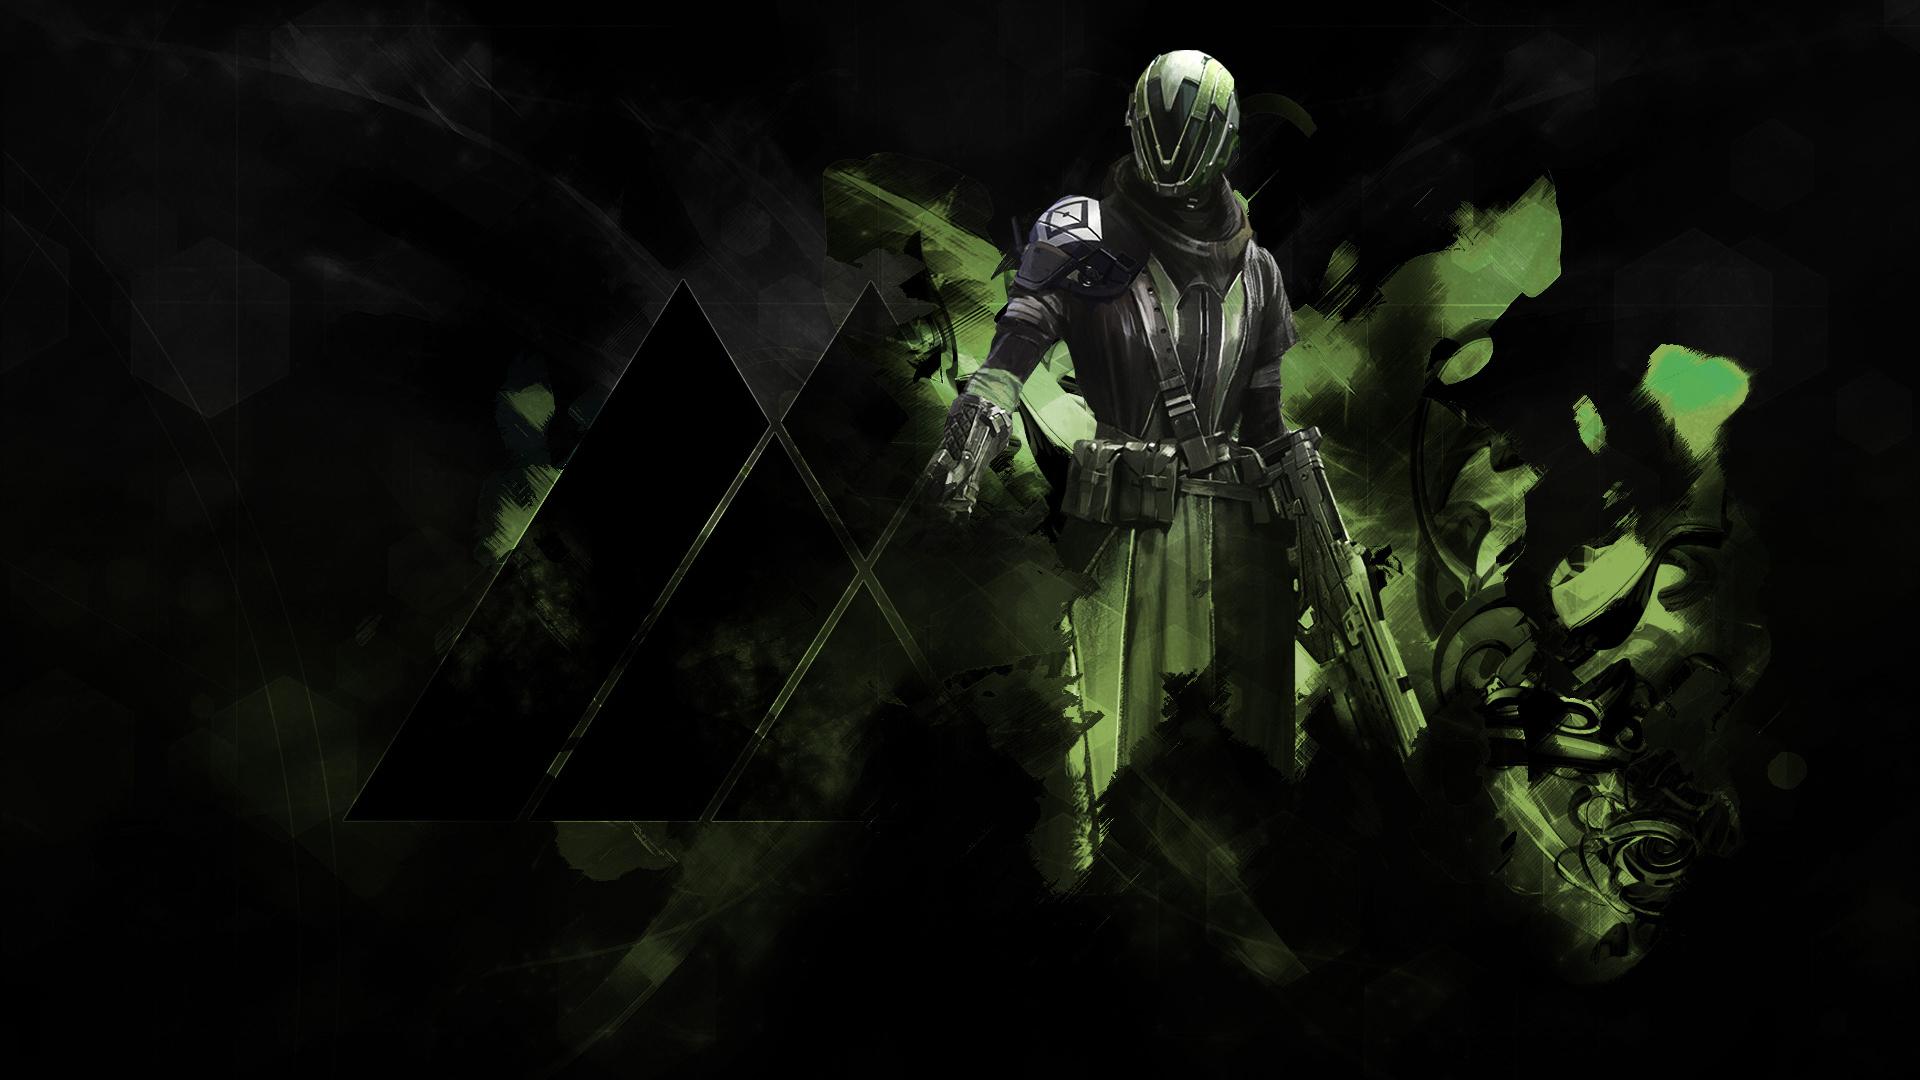 Destiny 2 Wallpaper 1080p: Destiny Warlock Wallpaper